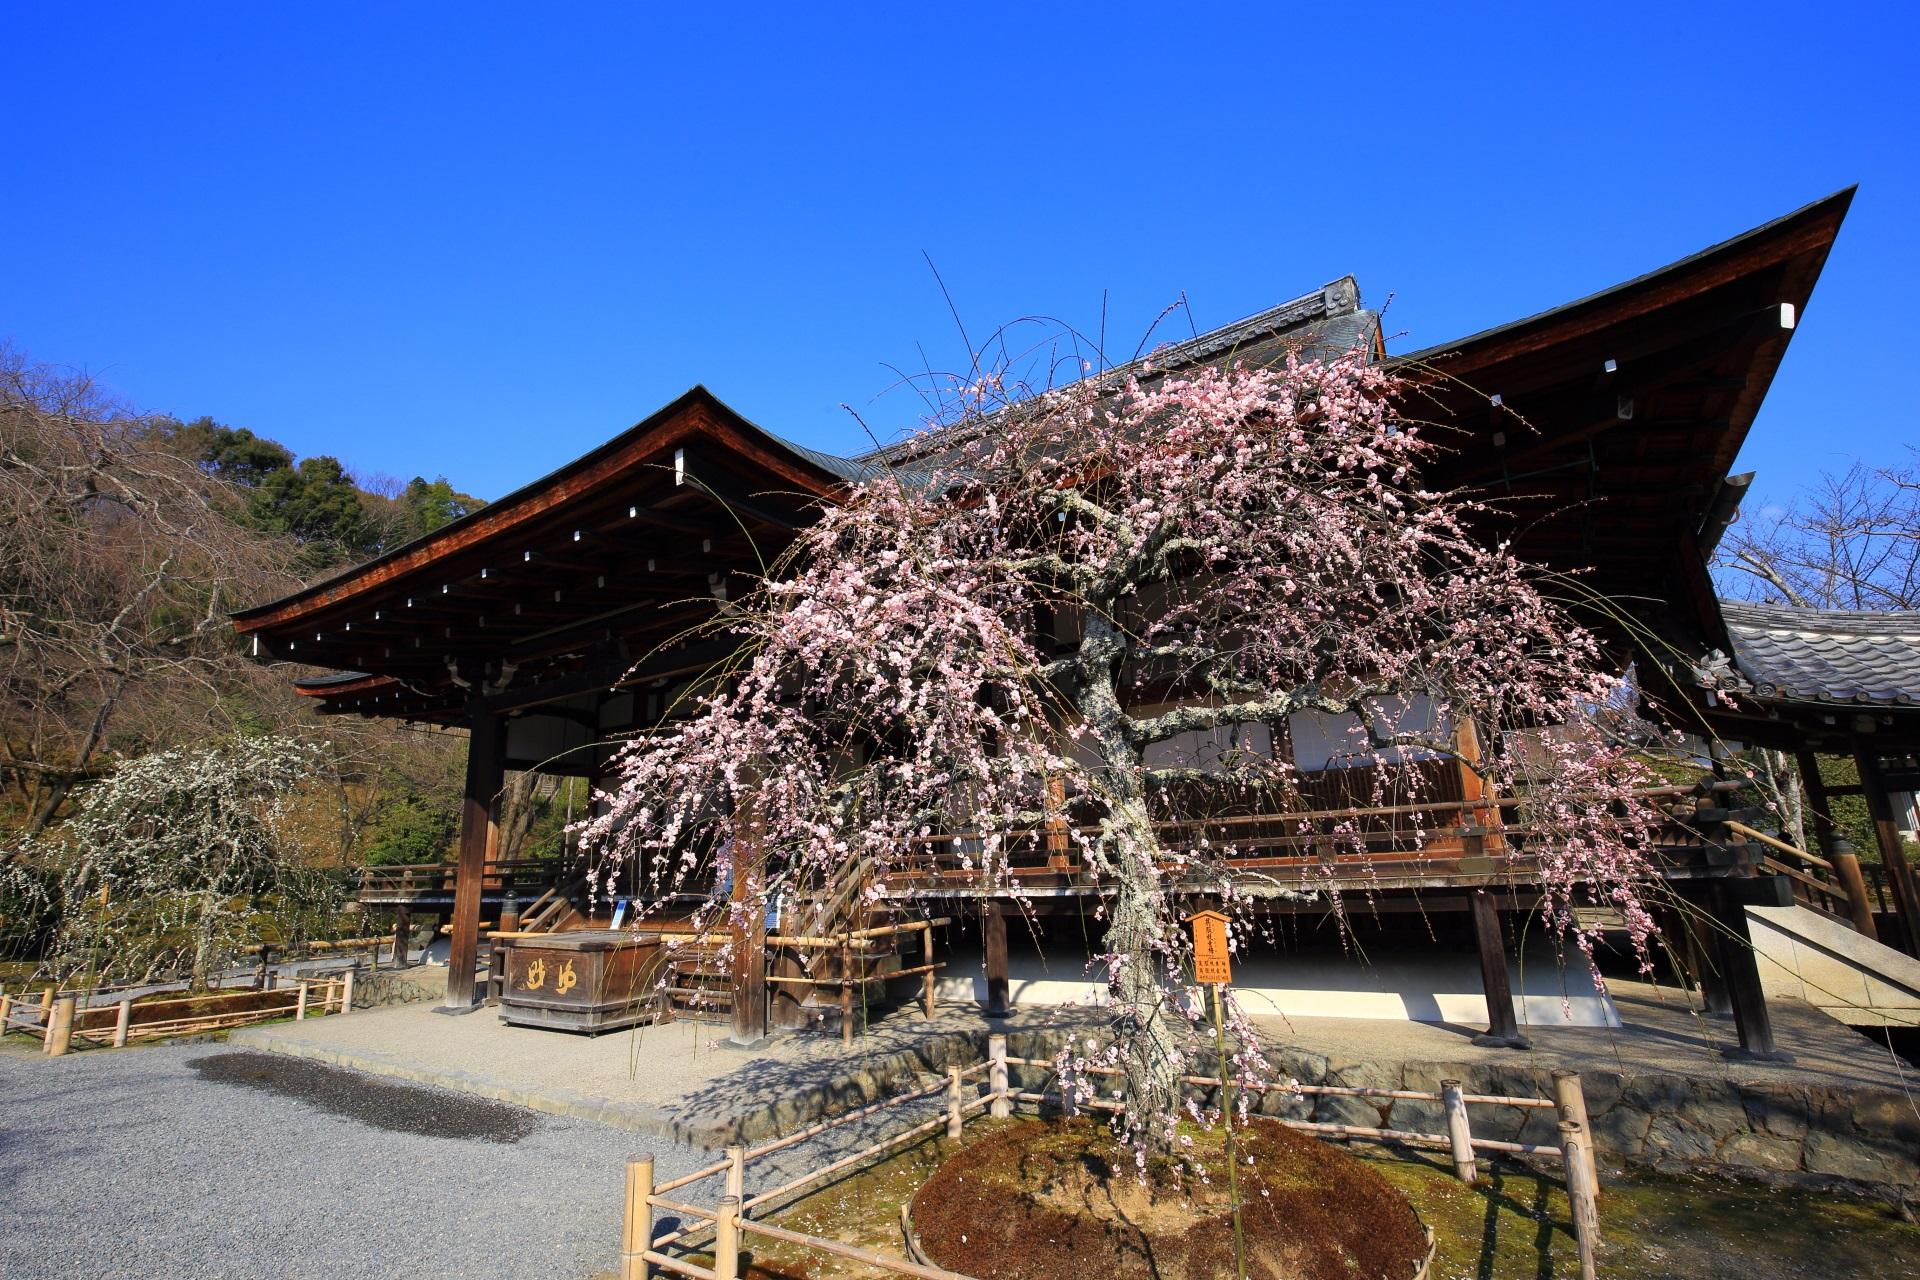 天龍寺の素晴らしい梅と春先の情景